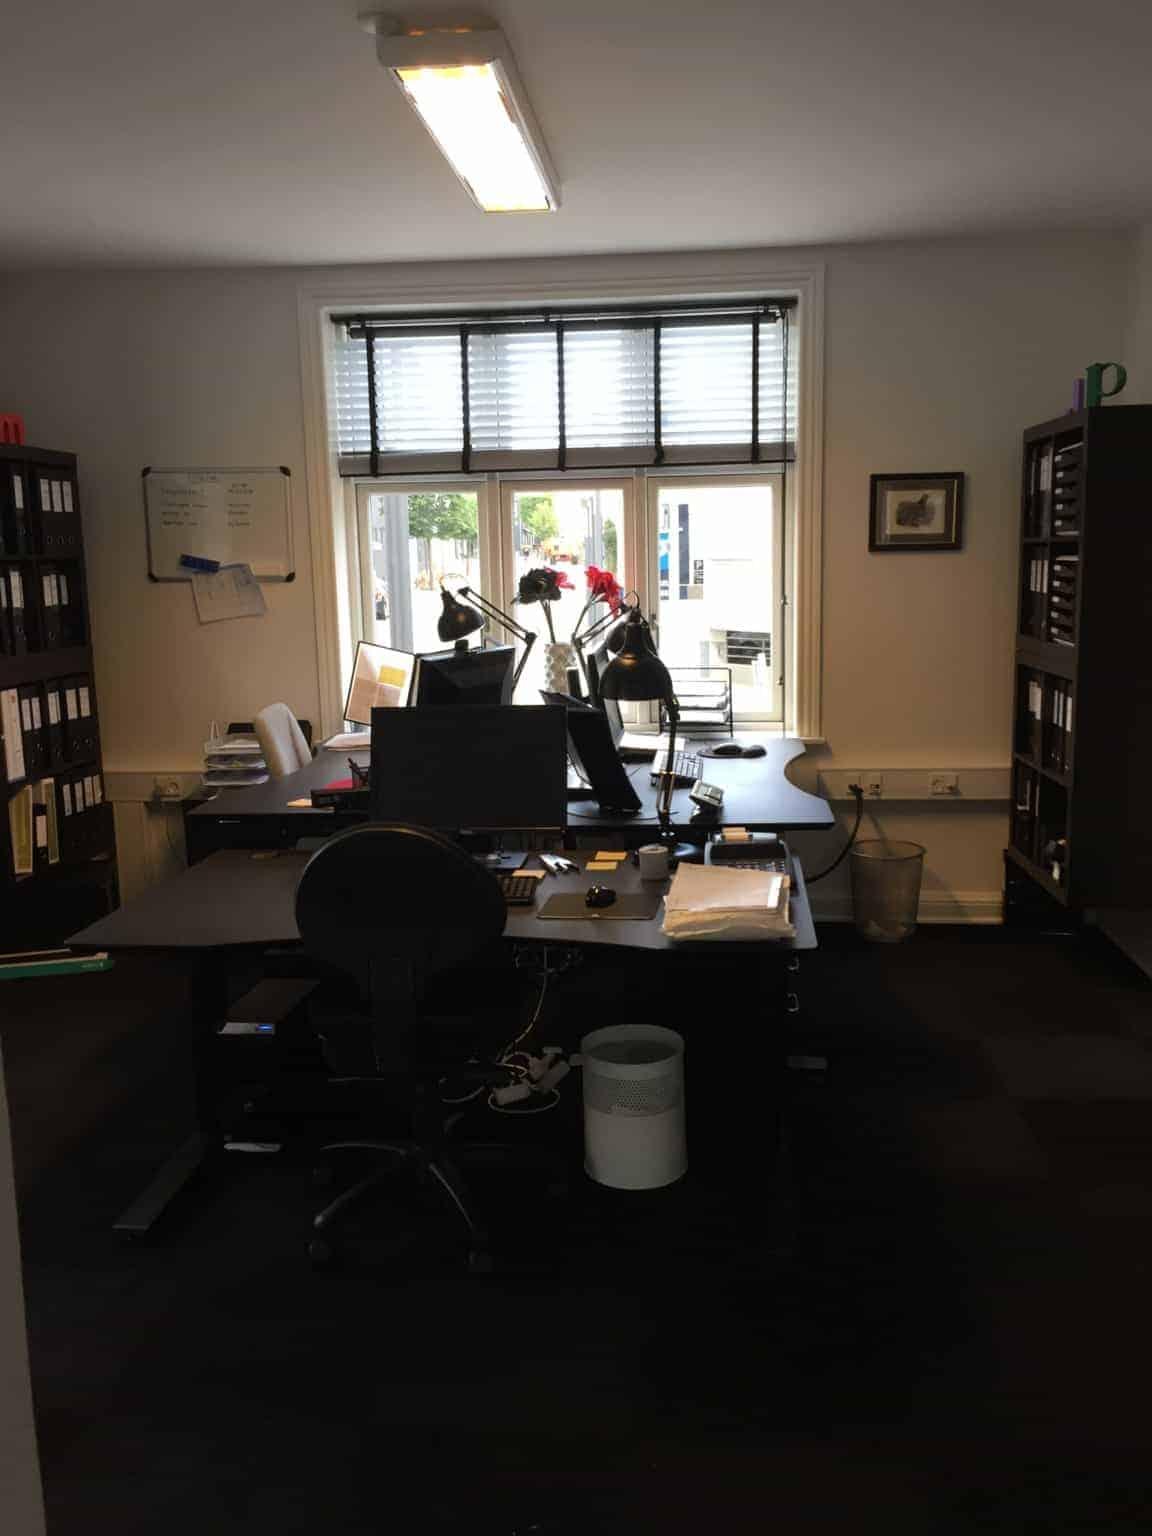 På kontoret og en slags hverdag et kort øjeblik